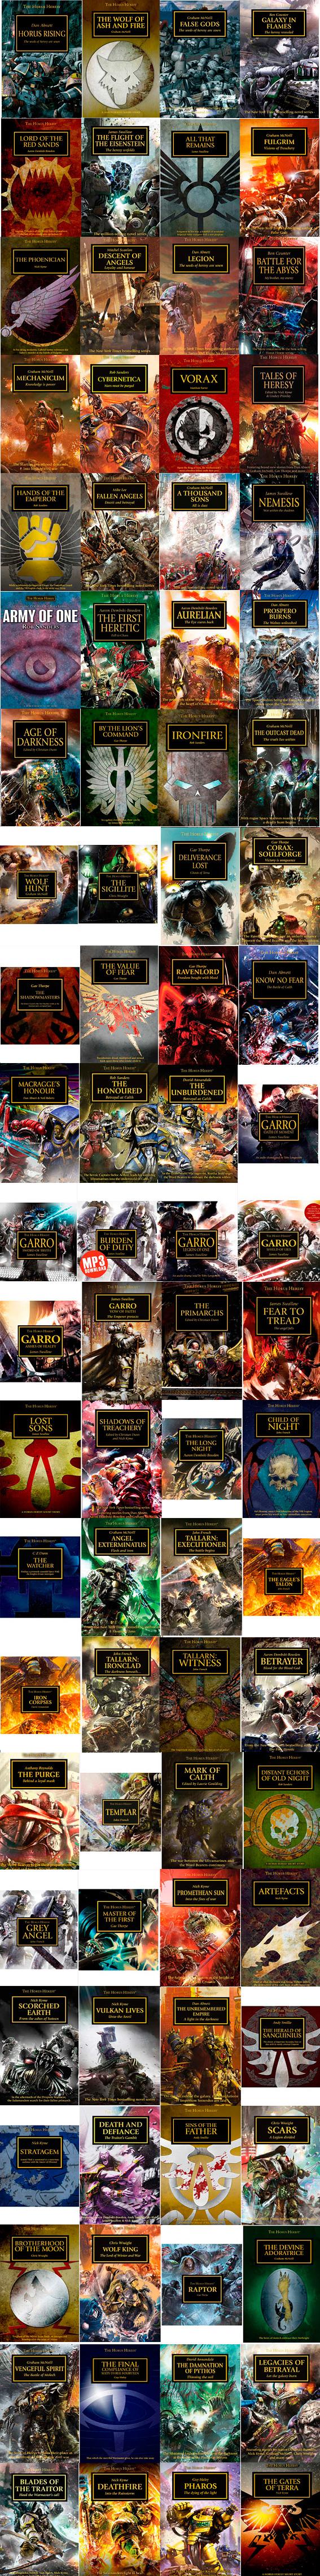 88 títulos forman la Herejía de Horus por el momento.